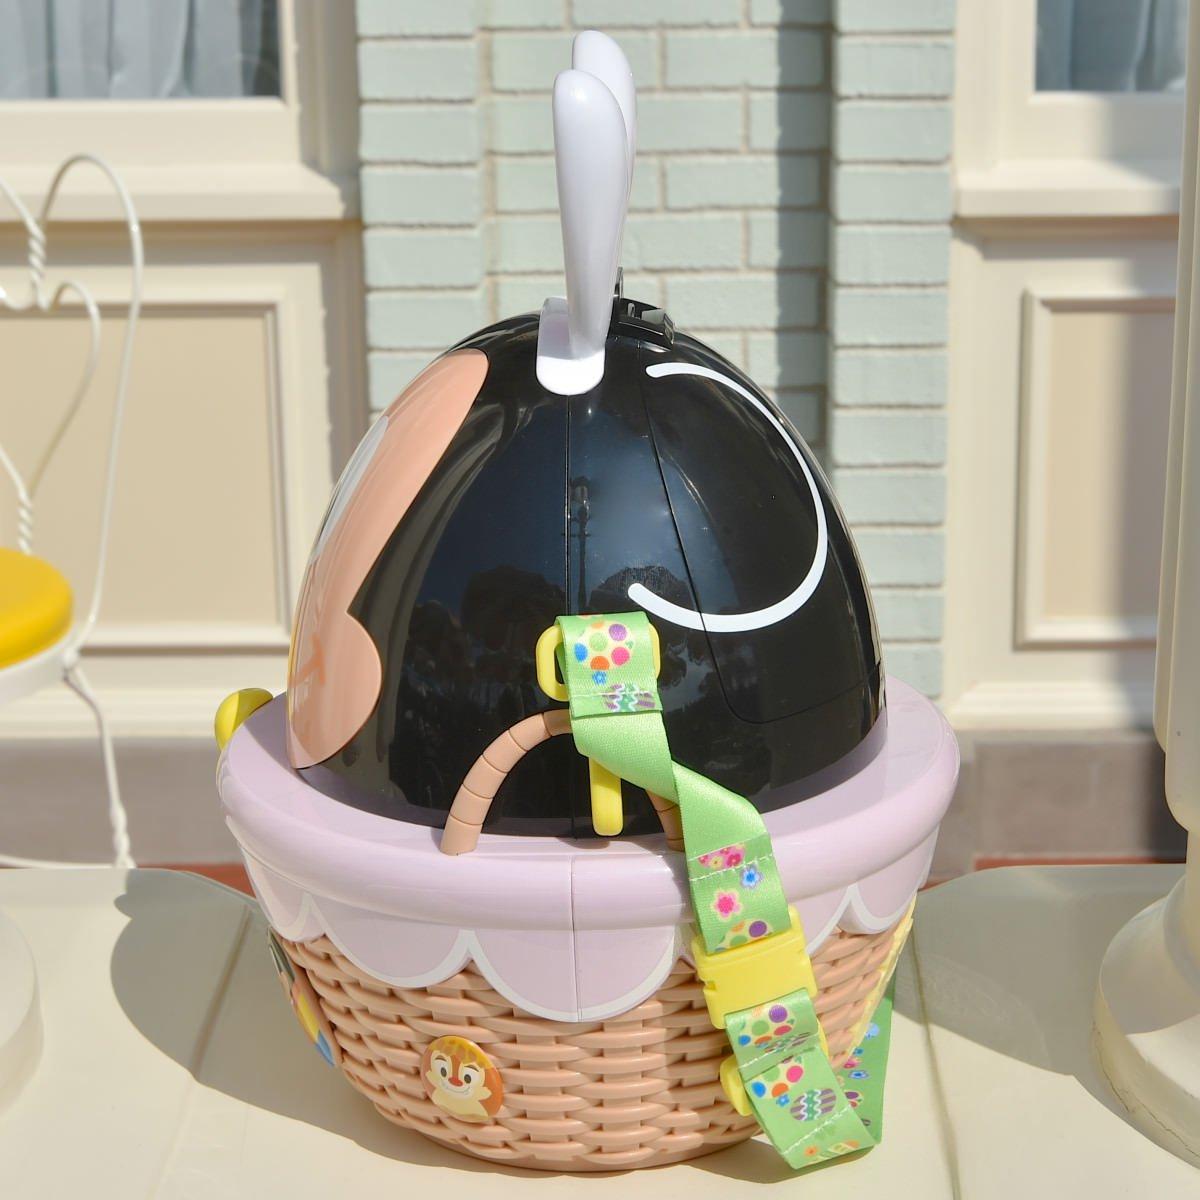 X射線【C141003】日本東京迪士尼代購-米奇Mickey 復活節彩蛋限定版造型爆米花桶,包包掛飾 / 鑰匙圈 / 置物桶 / 收納架 / 收納包 2